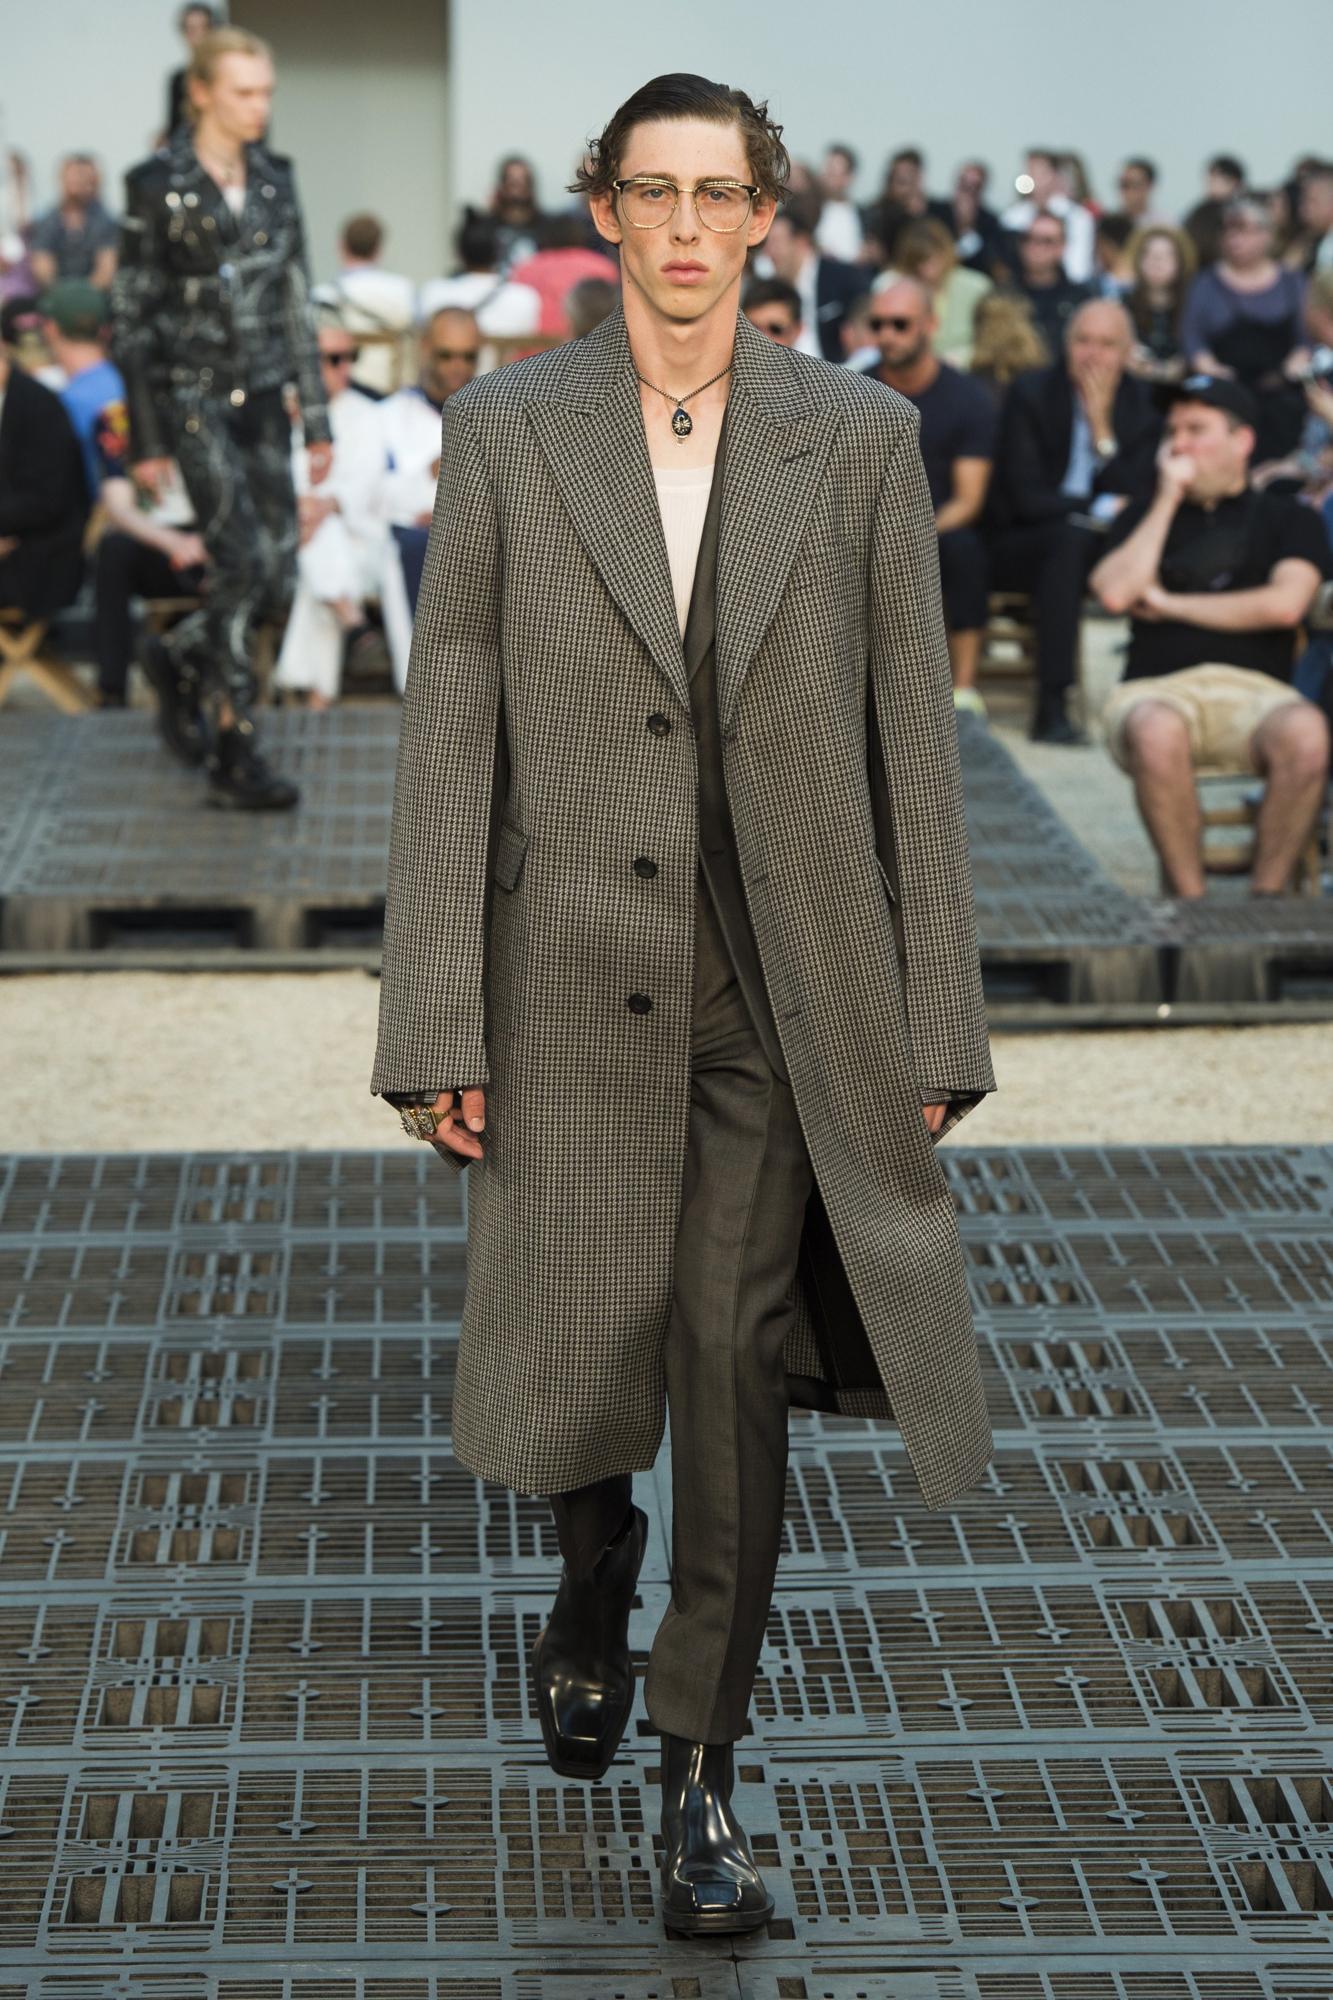 Semana de Moda de Paris  Verão 2019 Masculino   Blog Ótica da Penha 97f90a2b20